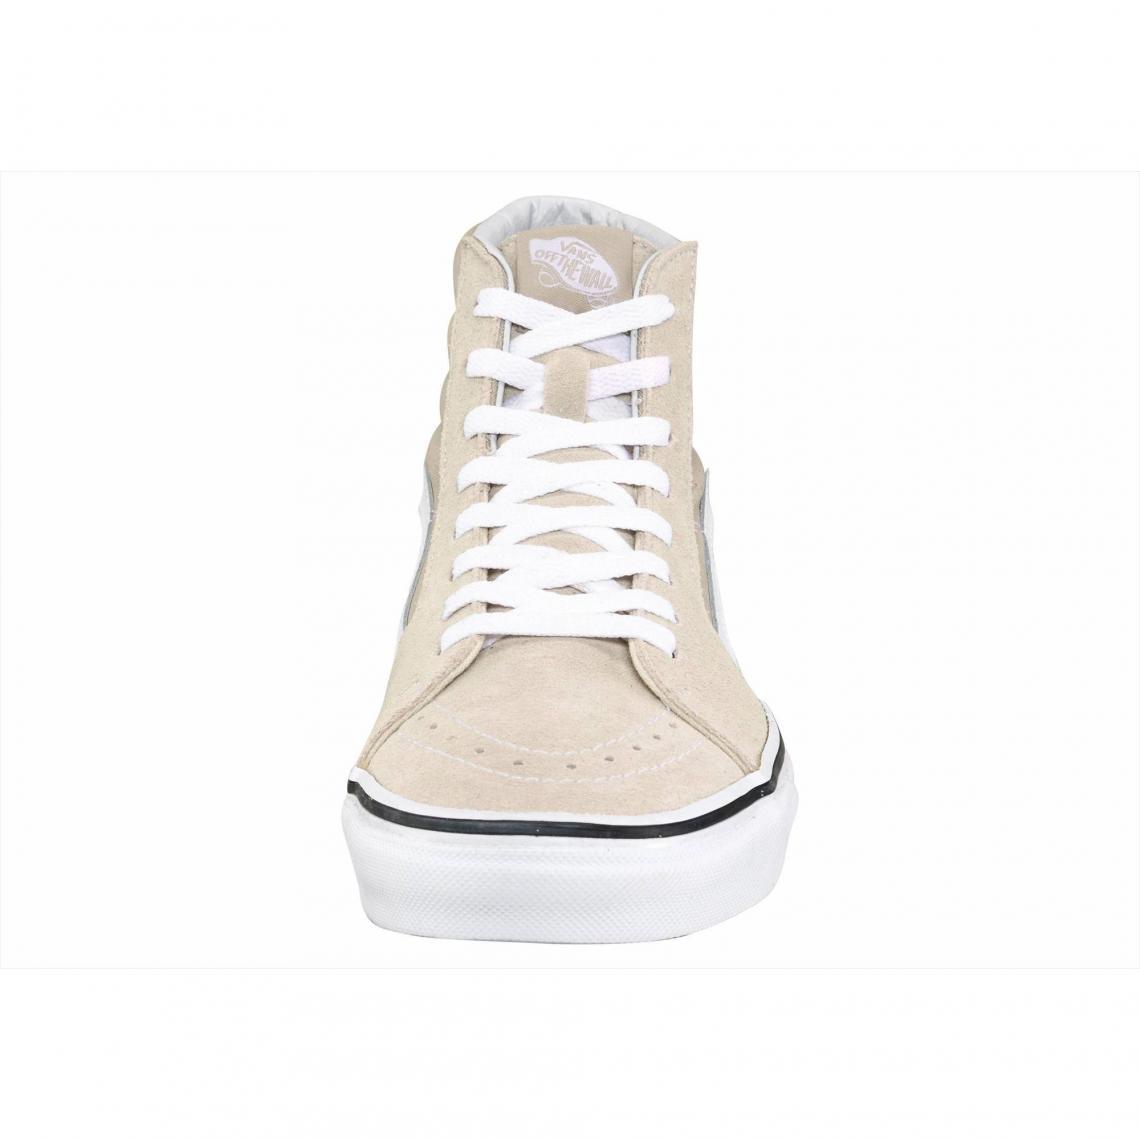 623f04f0713 Sneakers Vans Cliquez l image pour l agrandir. Sneakers montantes homme SK8-Hi  N de Vans - Beige Vans Cliquez ...